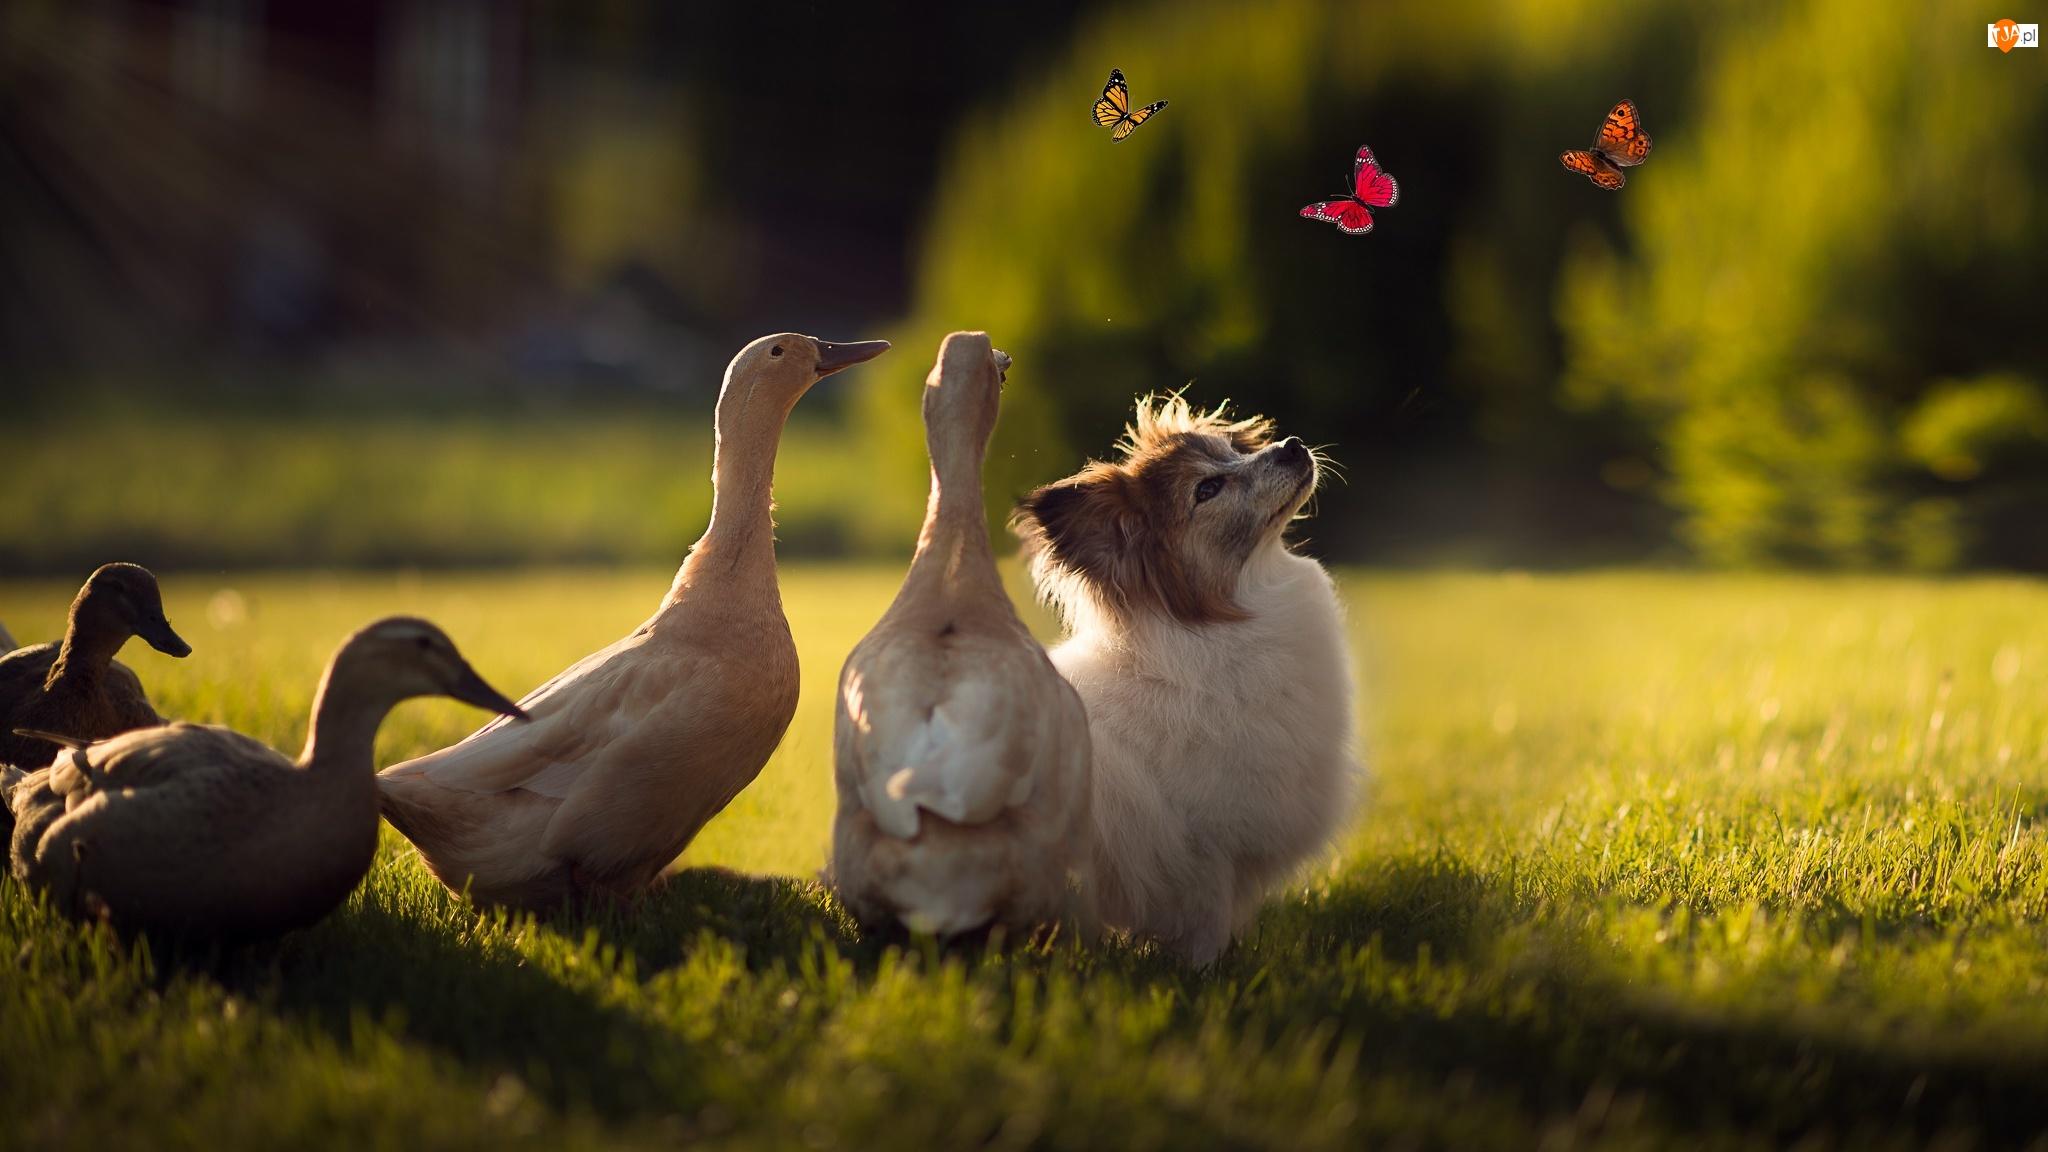 Motyle, Kaczki, Pies